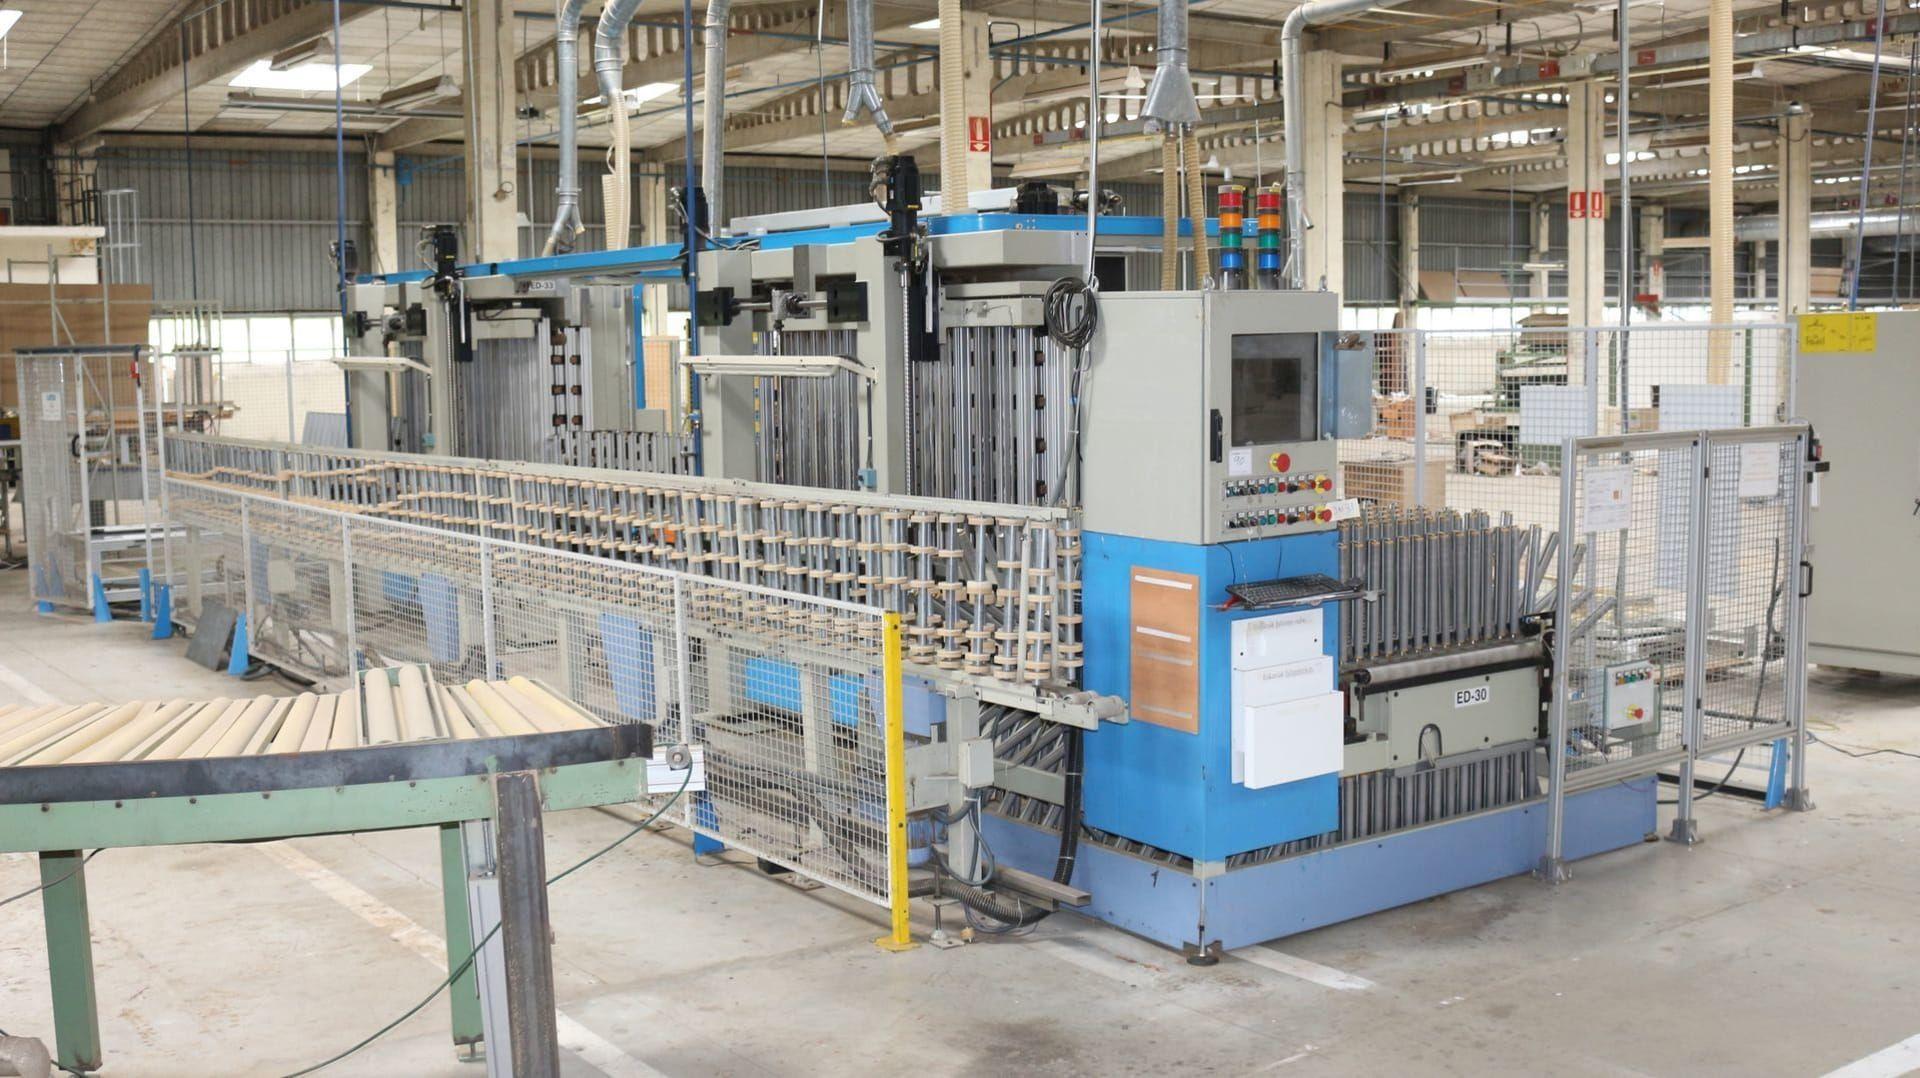 BREMA GLR XL VEKTOR 25 11 CNC-Vertikal-Bearbeitungszentrum